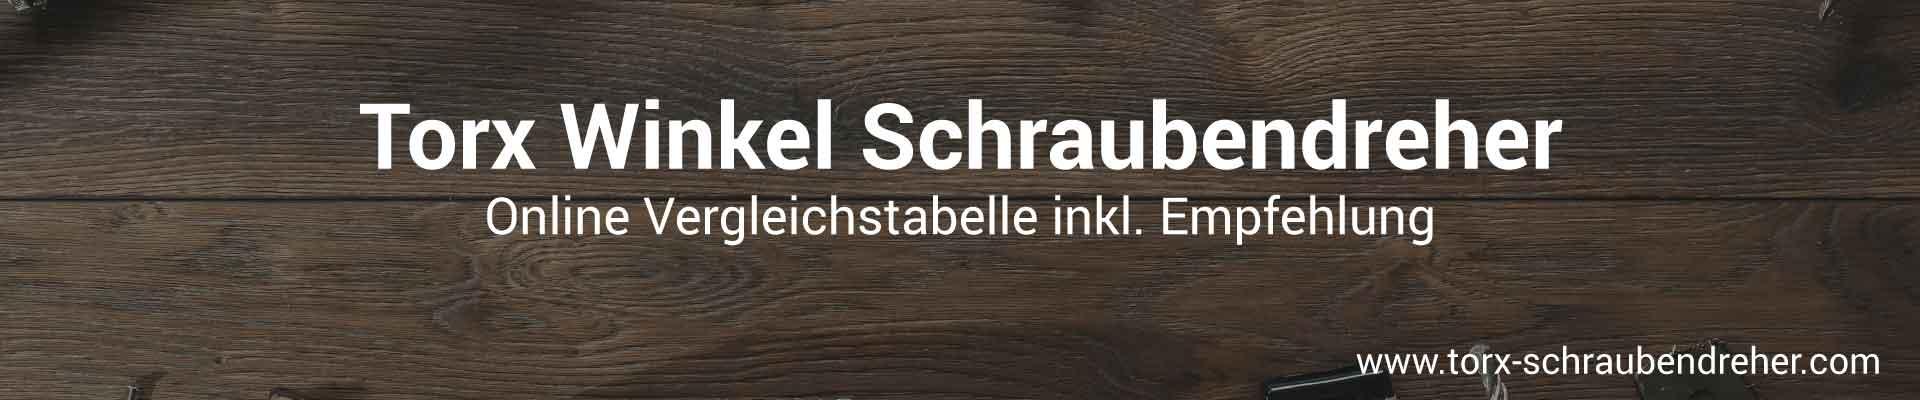 Torx Winkel Schraubendreher